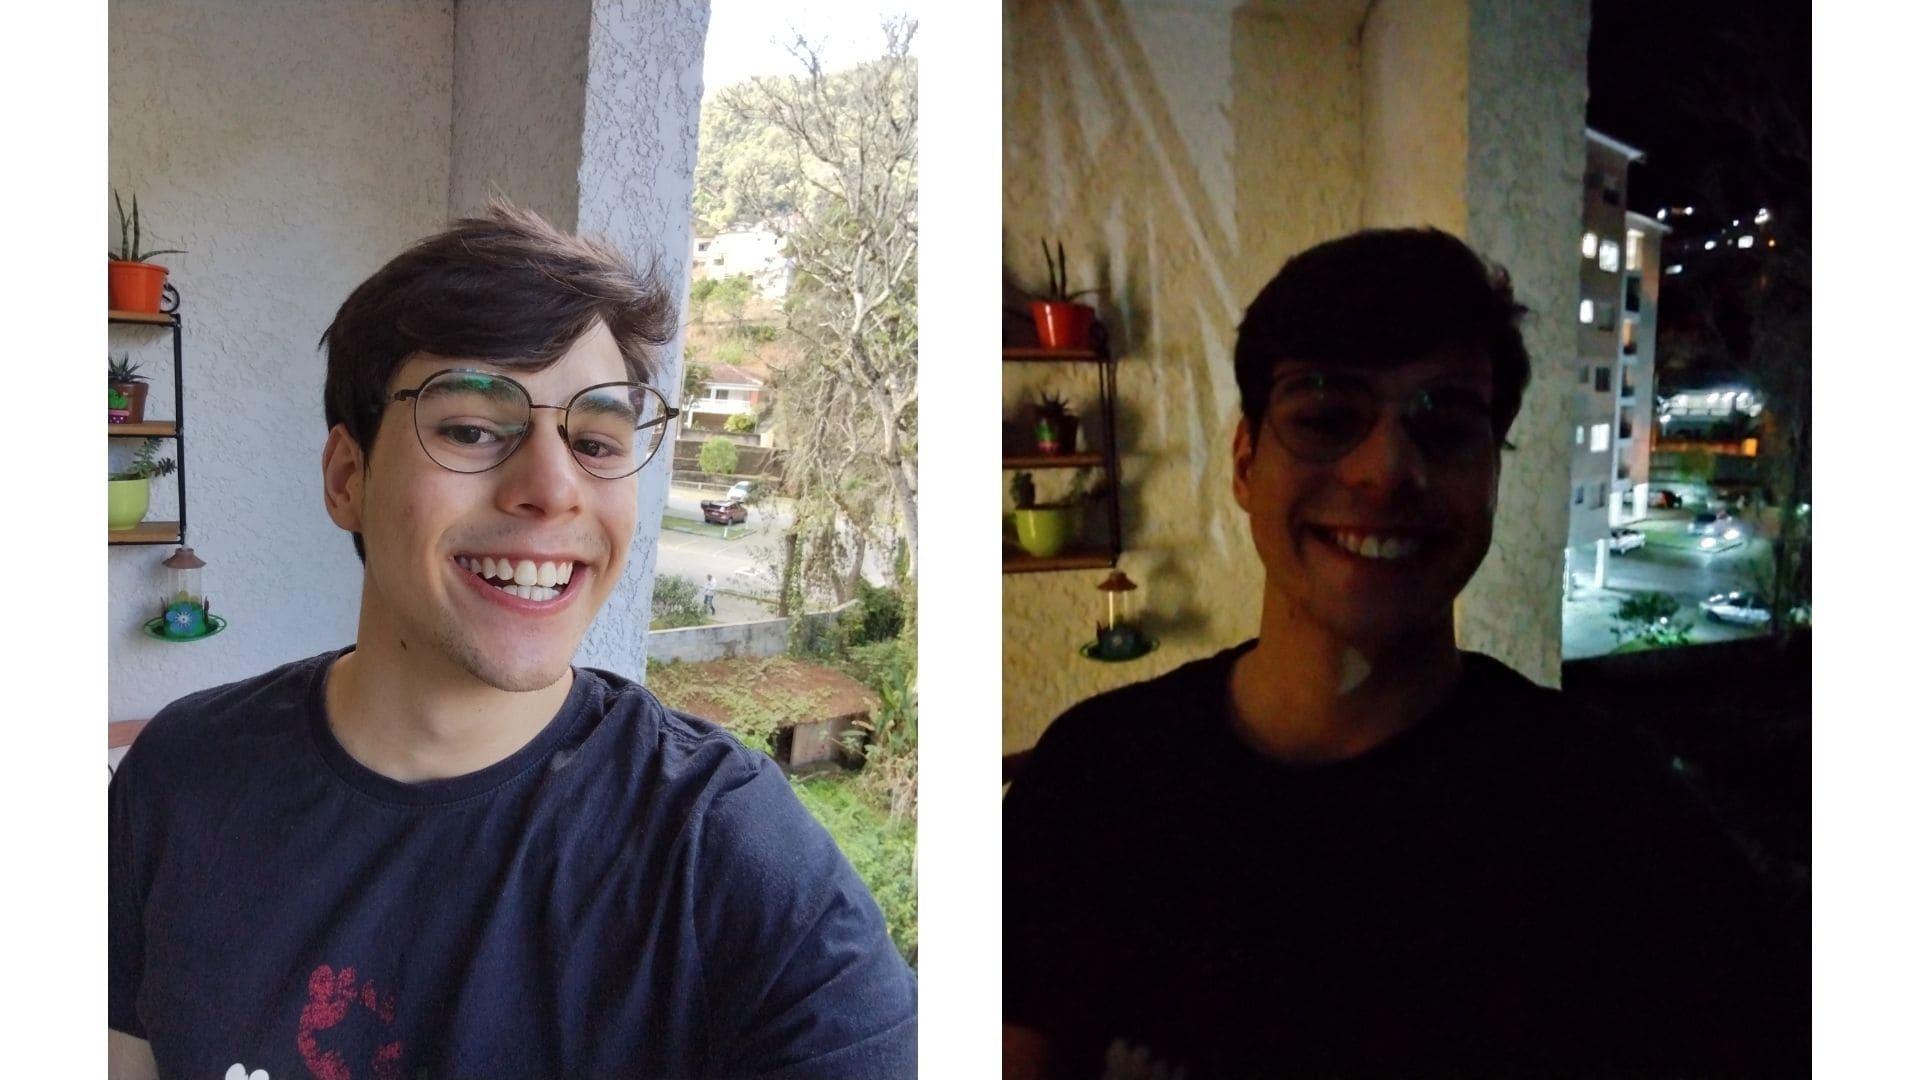 Duas selfies de um homem feitas com o Moto G10